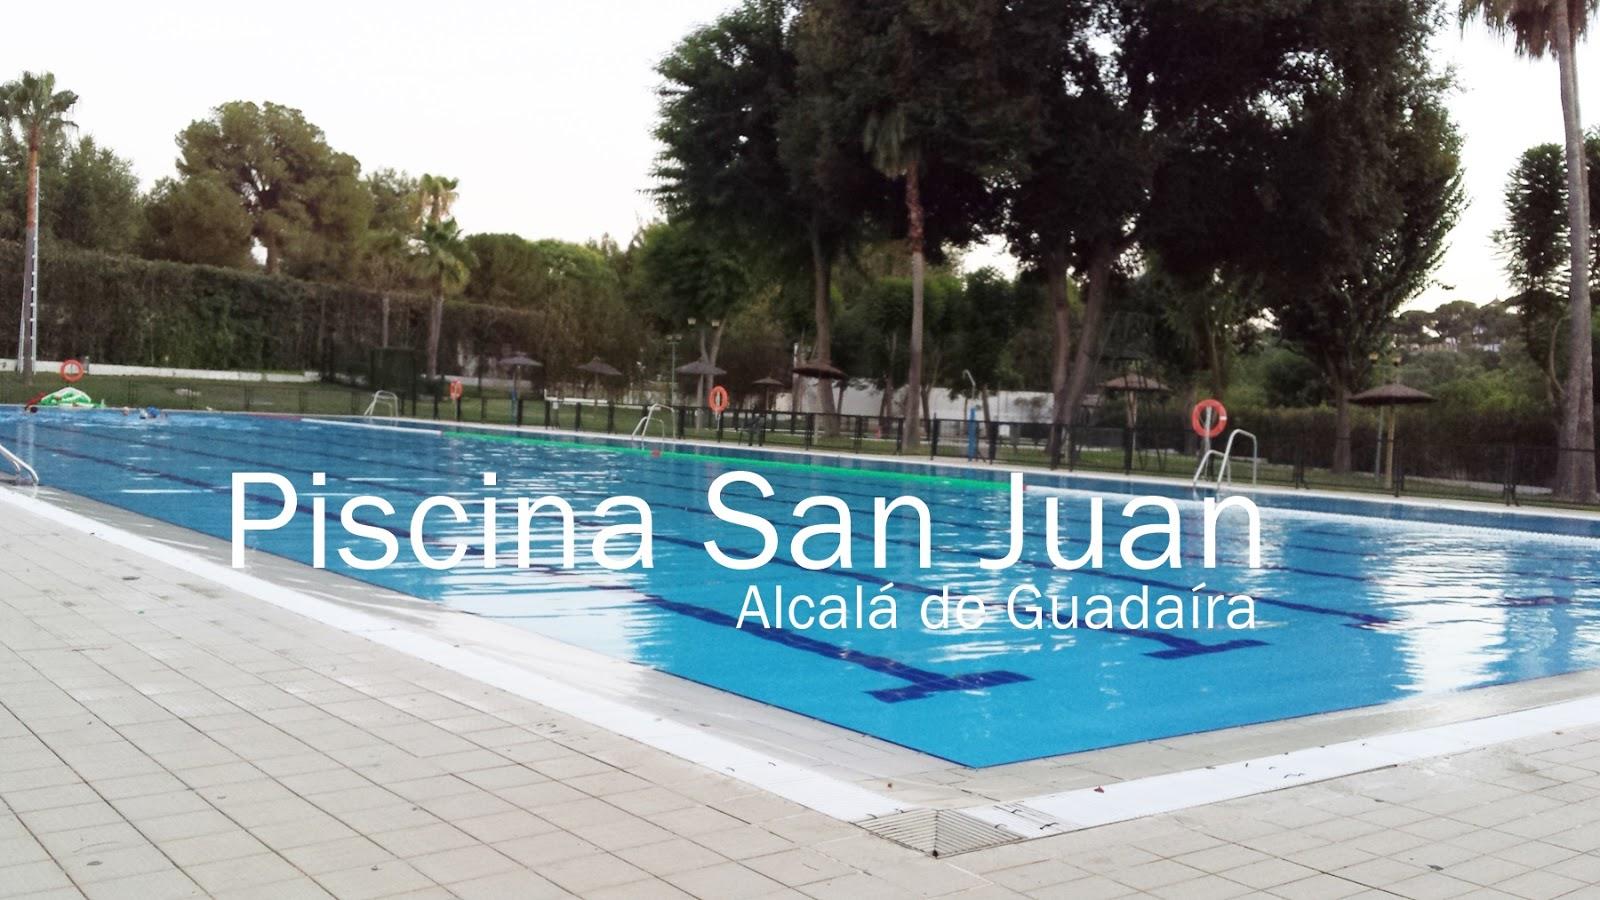 Alcalamegusta BONOS para el Verano 2016 en la Piscina de San Juan de Alcal de Guadara